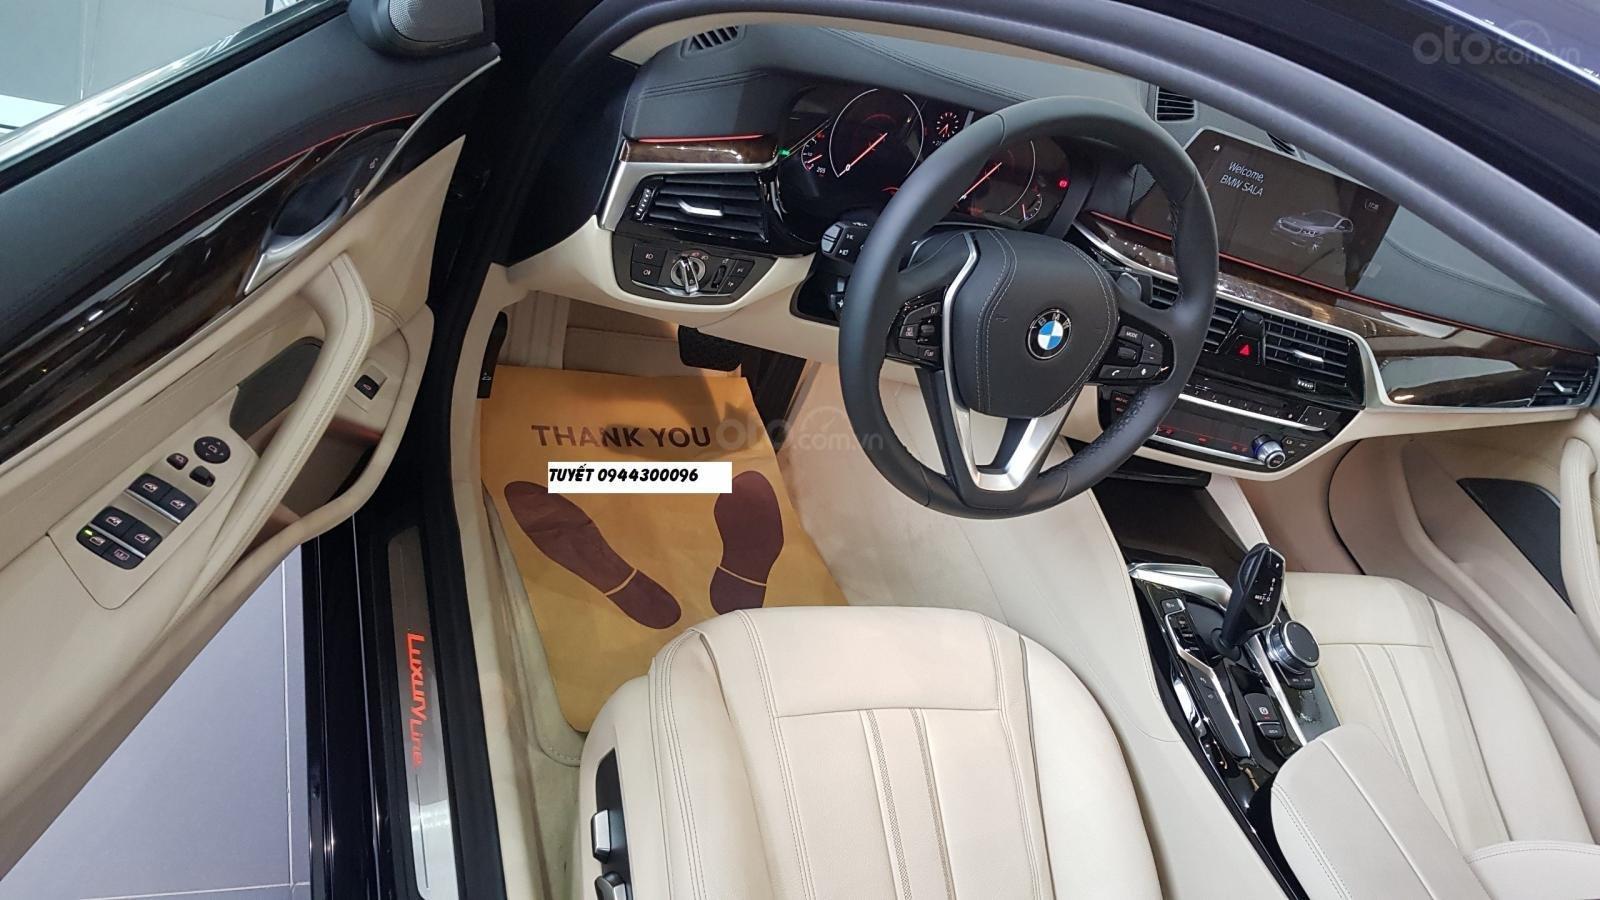 Bán BMW 530i, giảm giá 100tr, tặng BHVC, thủ tục nhanh gọn, giao xe tận nhà (5)